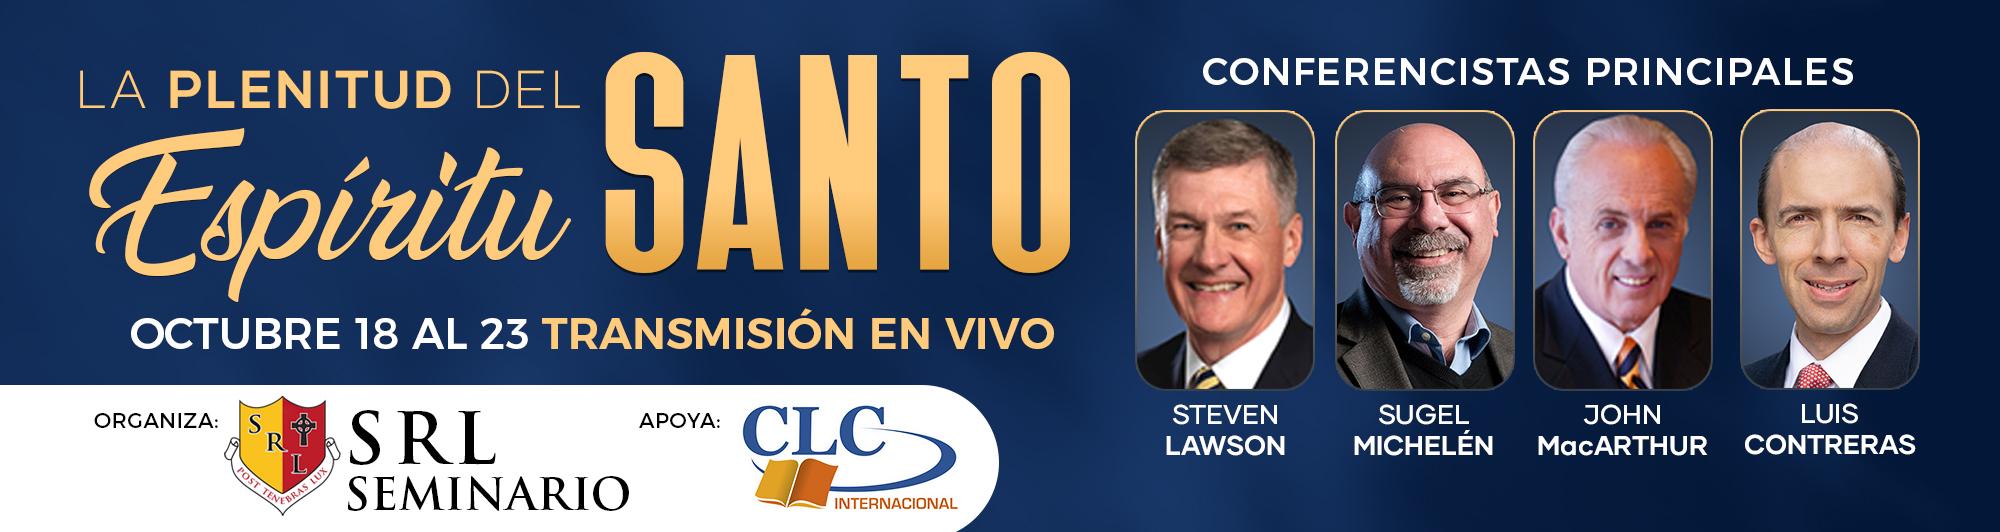 1 aaPublicidad Convencion CLC 02